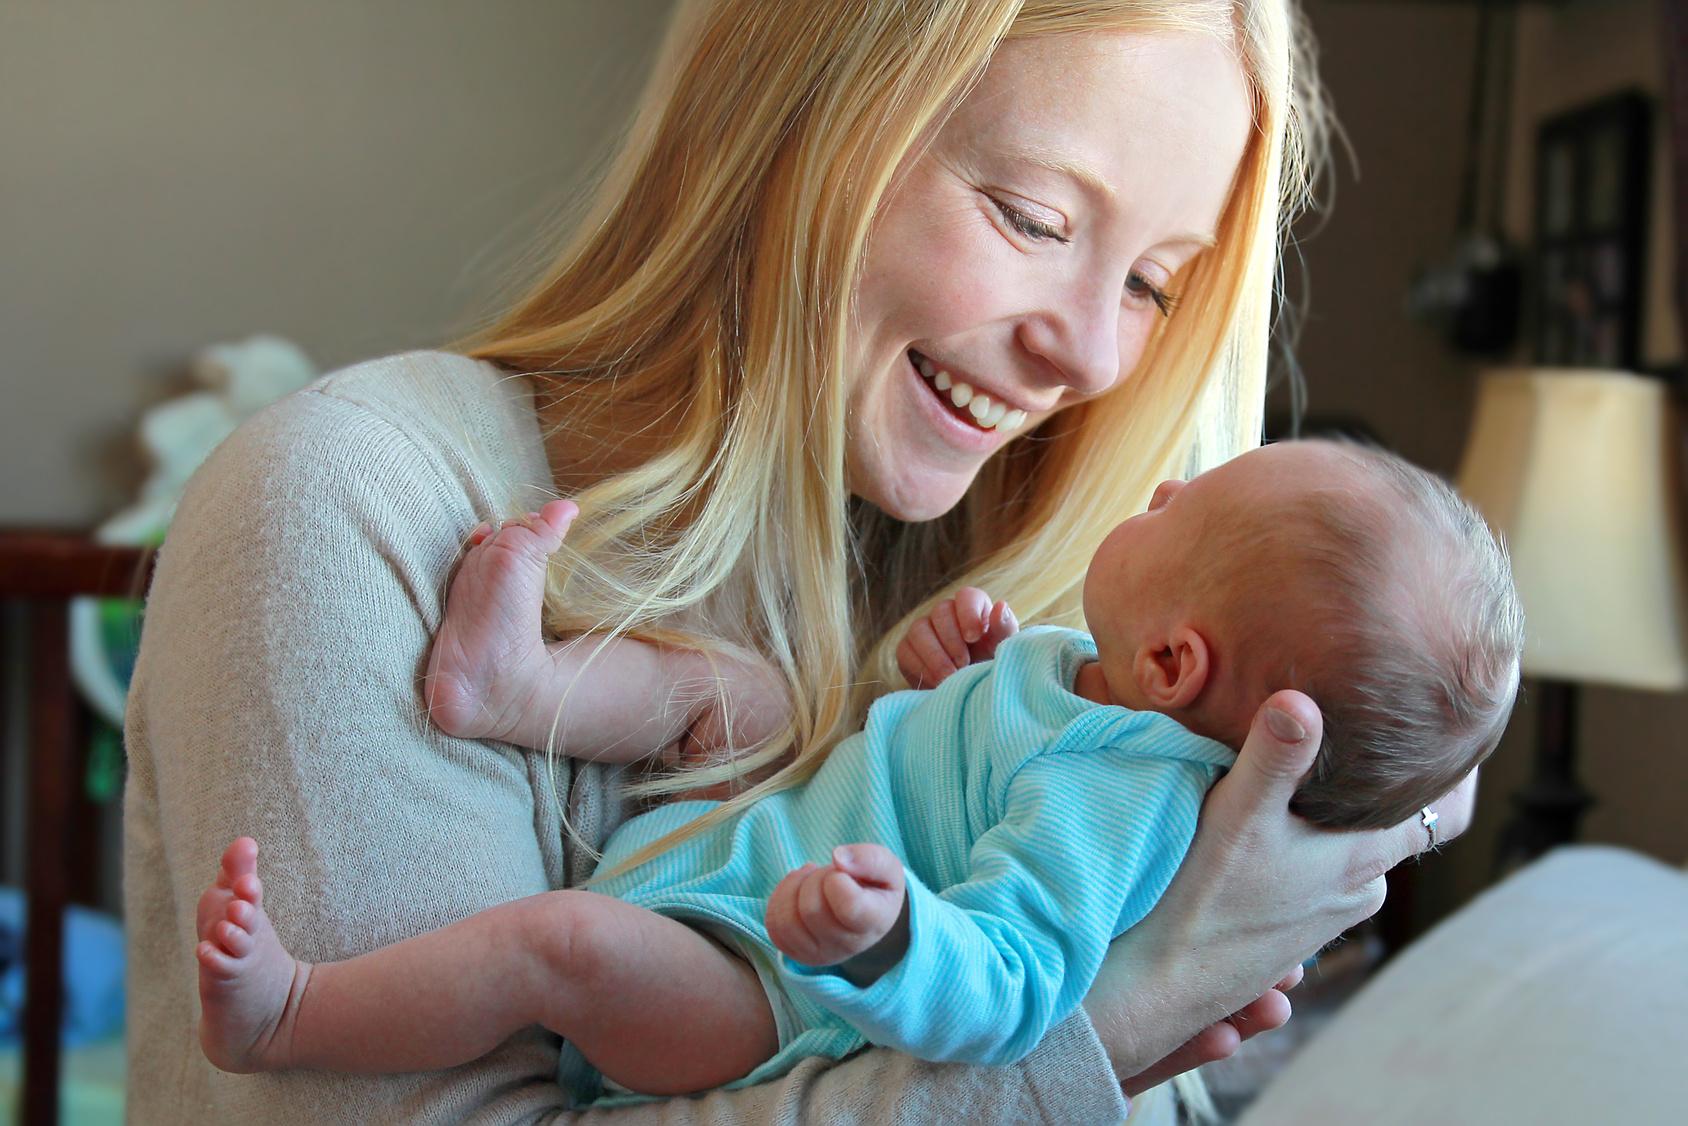 Activité Pour Bébé : Jouer Avec Bébé | Parents.fr pour Jeux Bebe 3 Ans